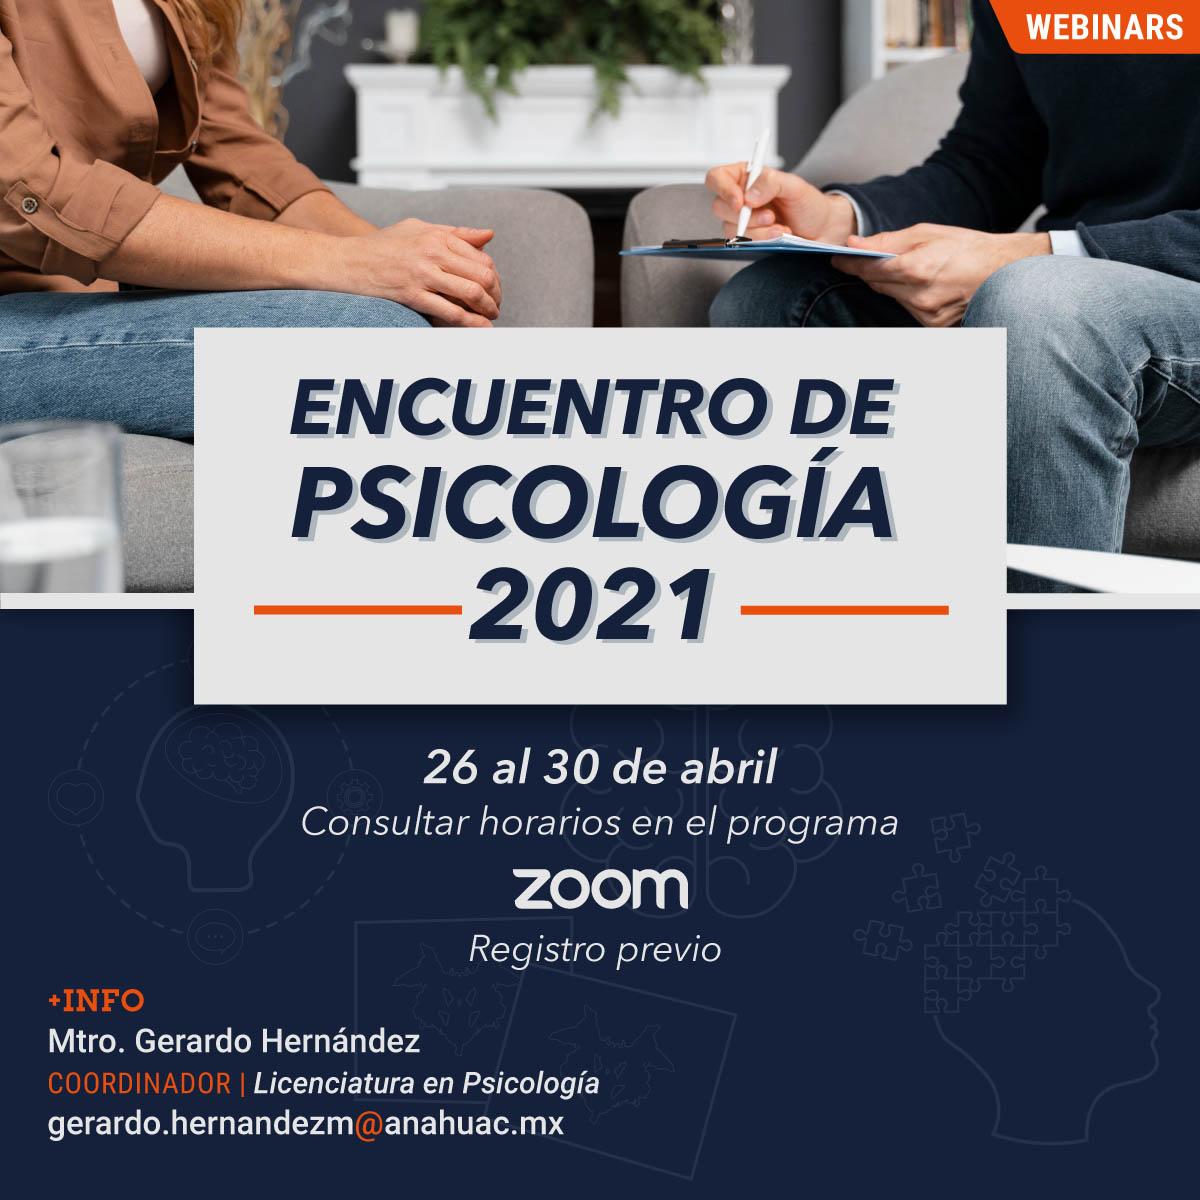 Encuentro de Psicología 2021